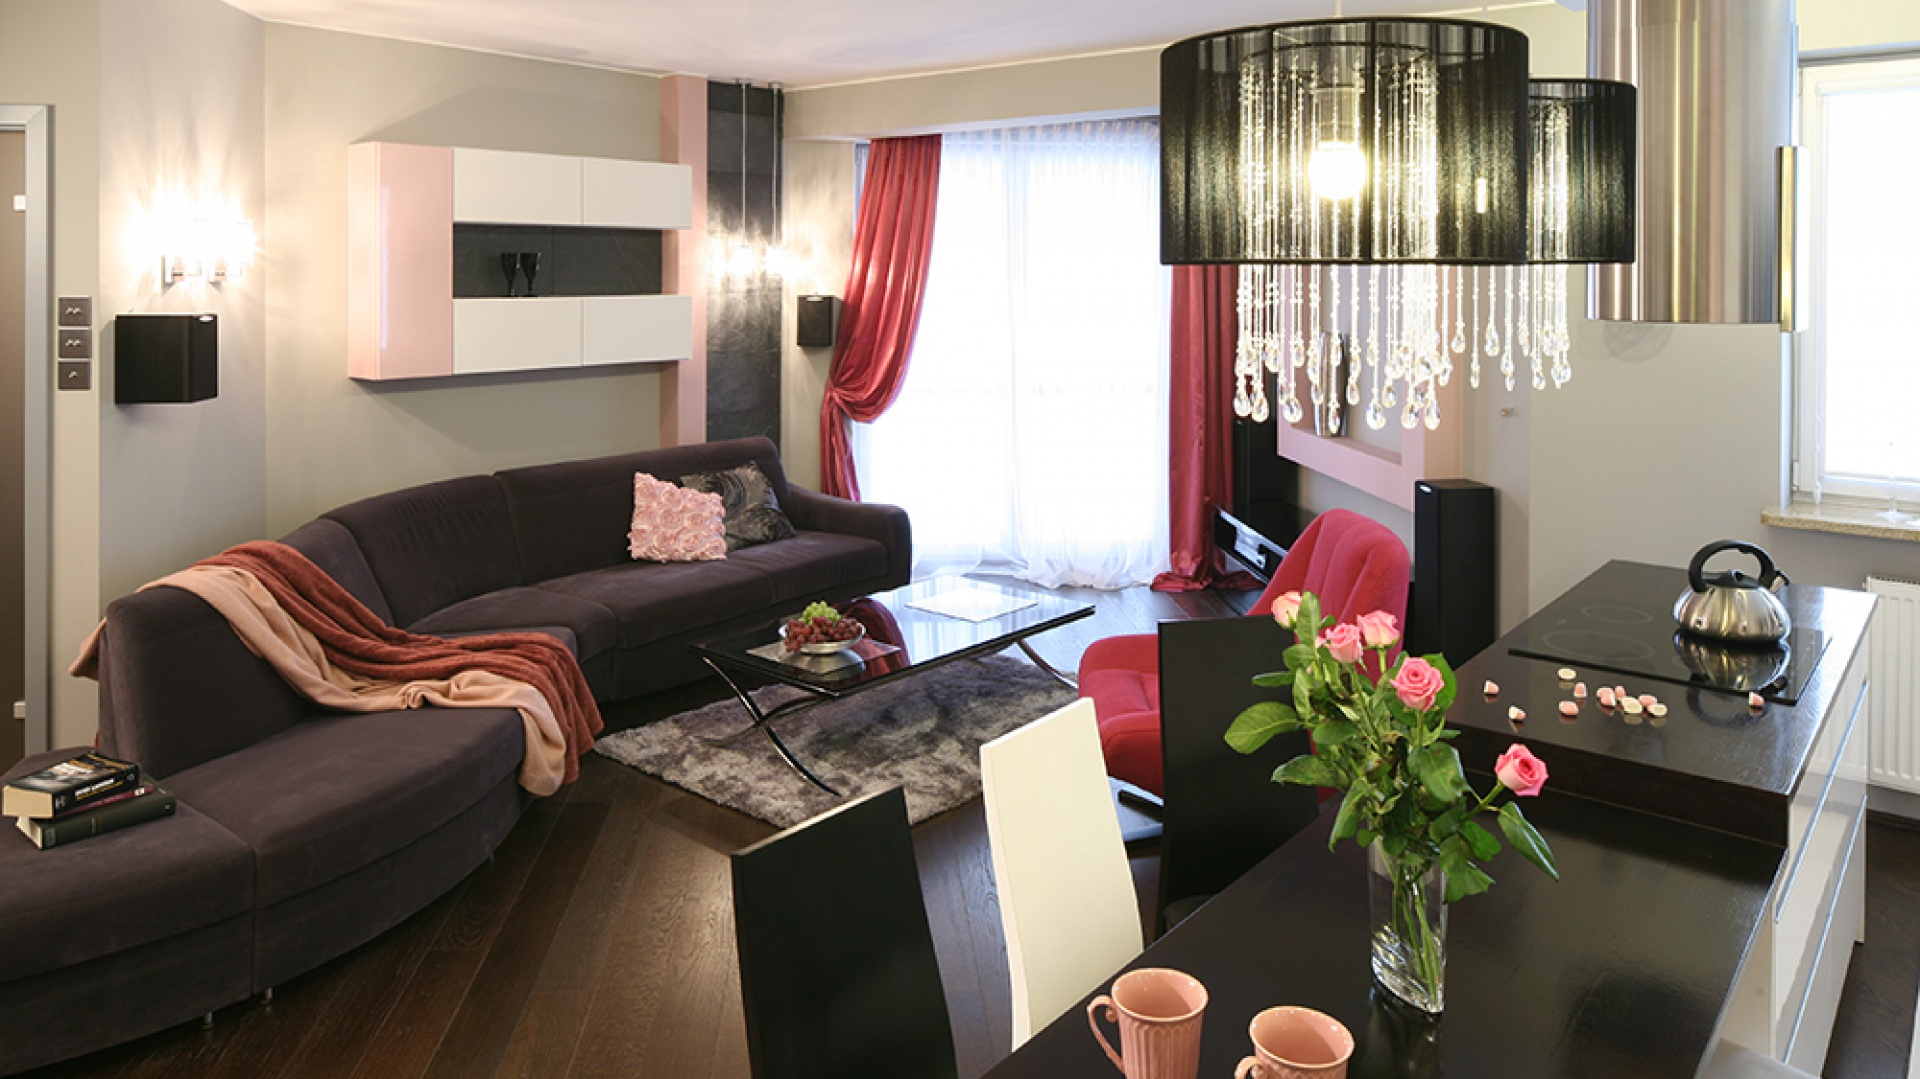 Widok salonu od strony wejścia. Niezwykle kobiecą aranżację podkreślają tkaniny w zróżnicowanie nasyconych różach. Fot. Bartosz Jarosz.